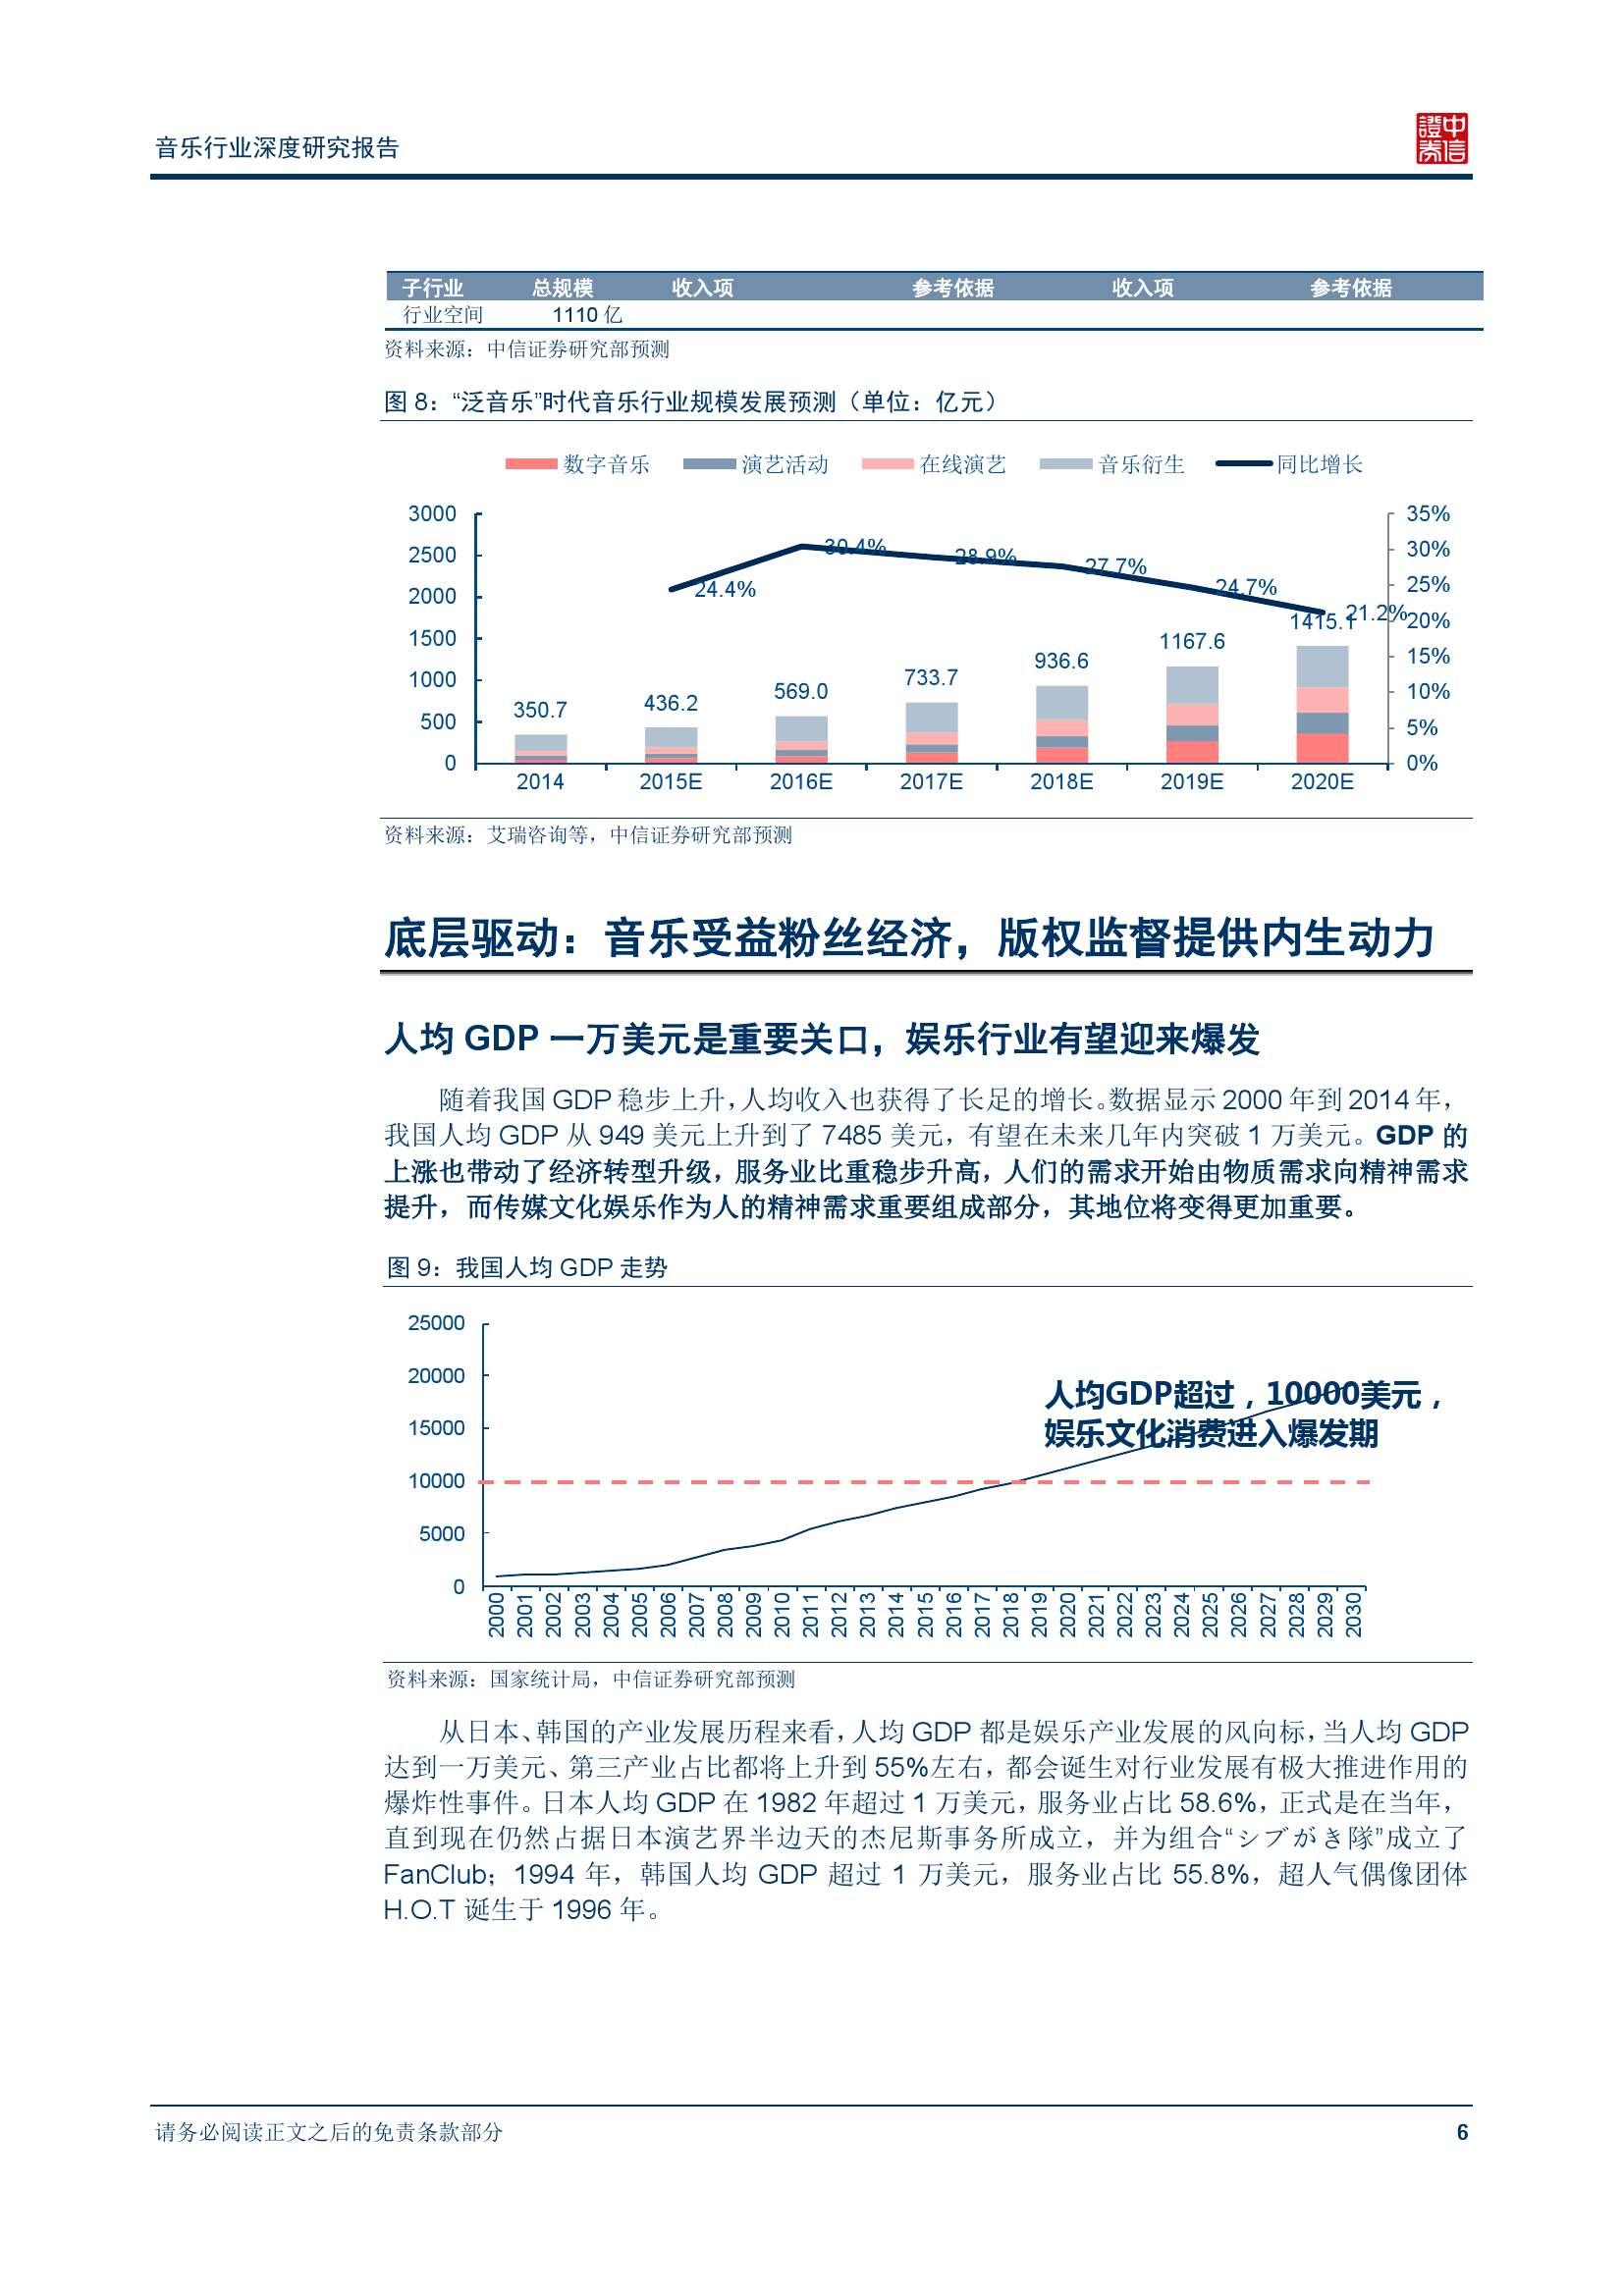 中信证券音乐行业深度研究报告_000011